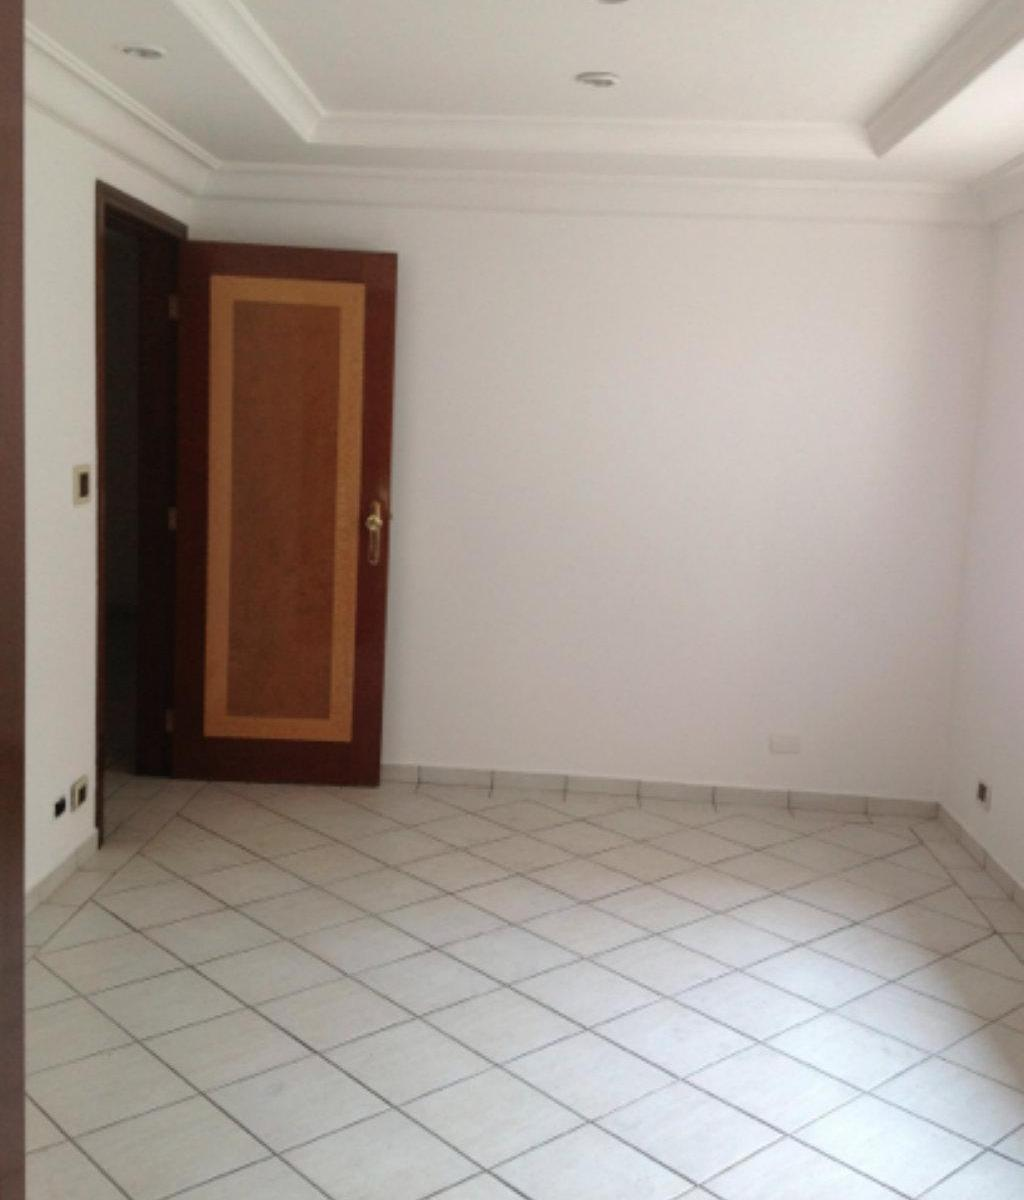 Casa para aluguel com 3 Quartos Saúde São Paulo R$ 4.500 230 m2  #653D29 1024 1200